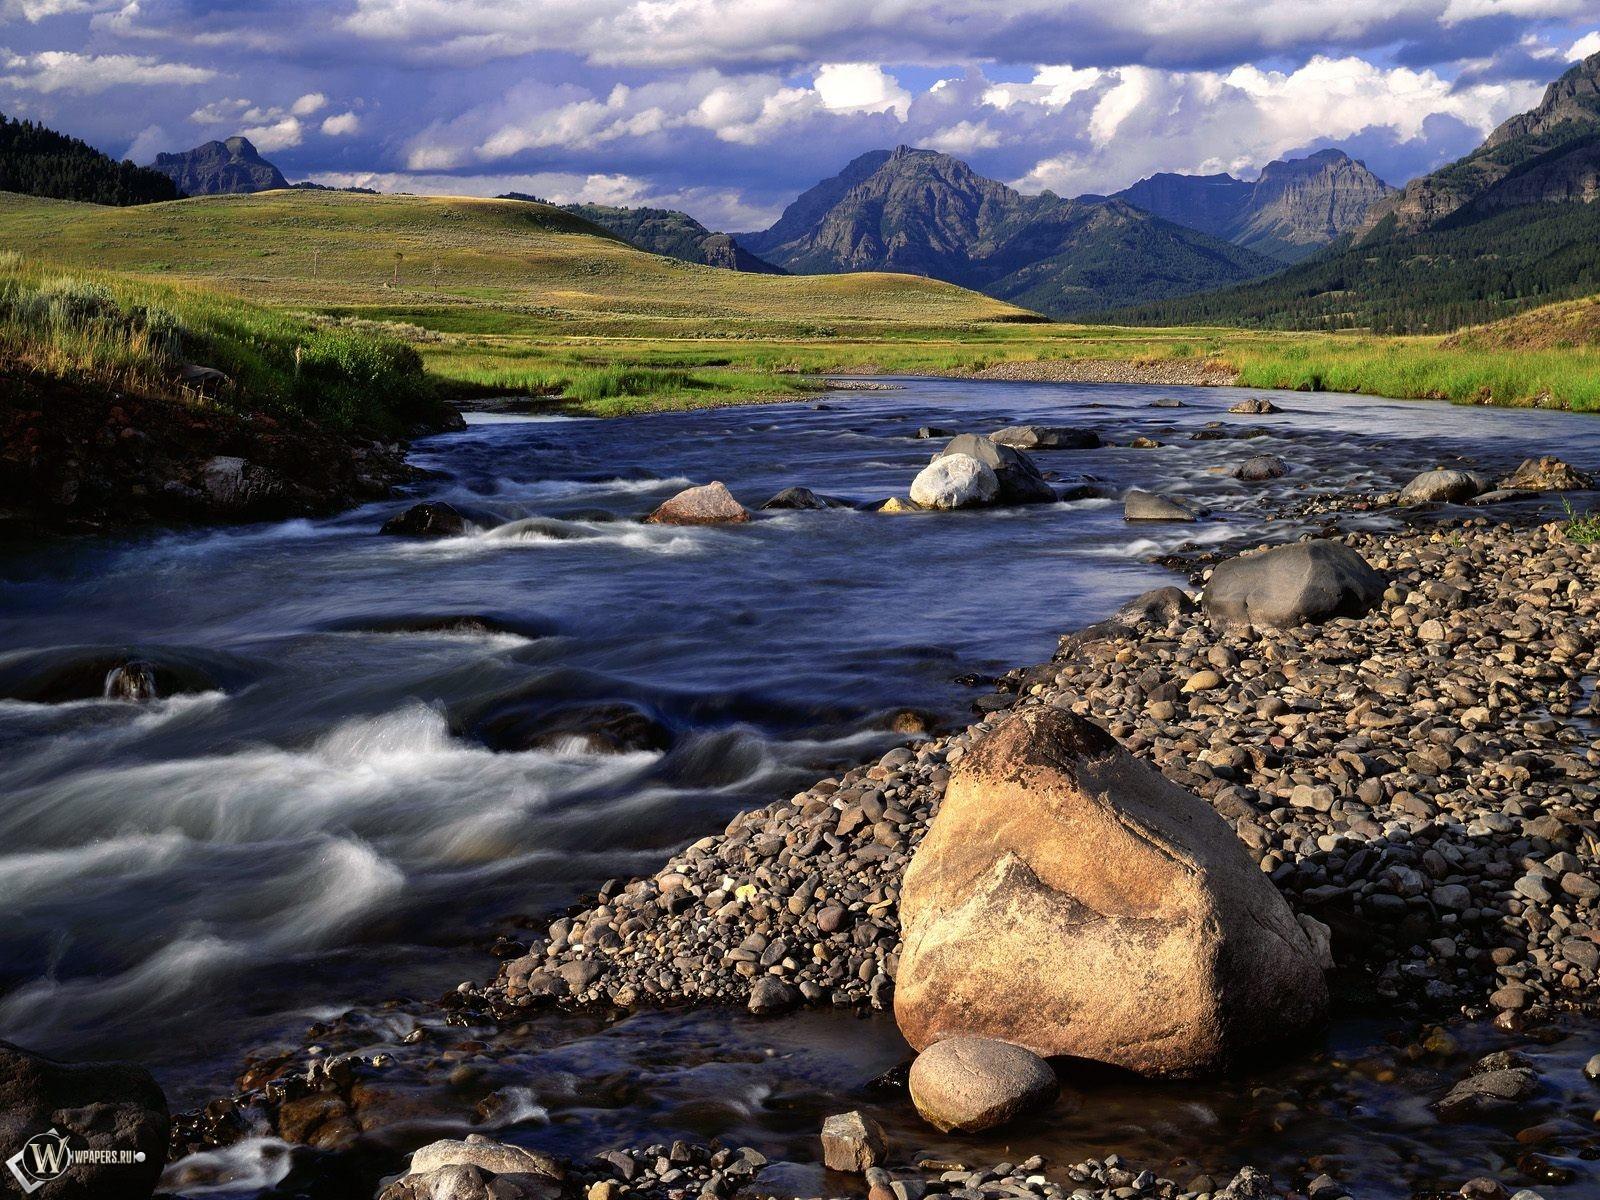 Ручеек в горах 1600x1200